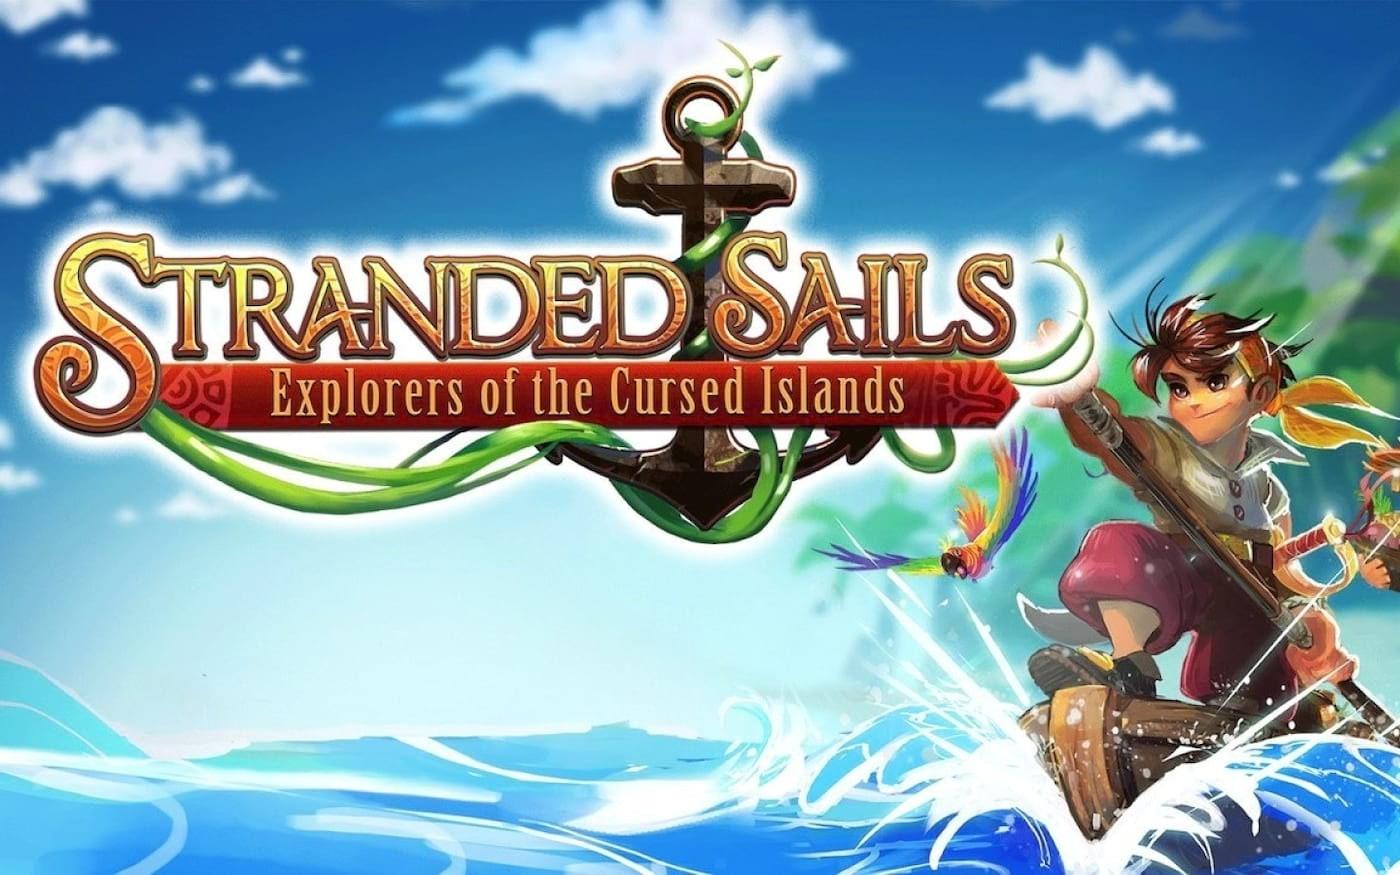 [Stranded Sails] Merge Games anuncia data de lançamento do jogo para consoles e PC